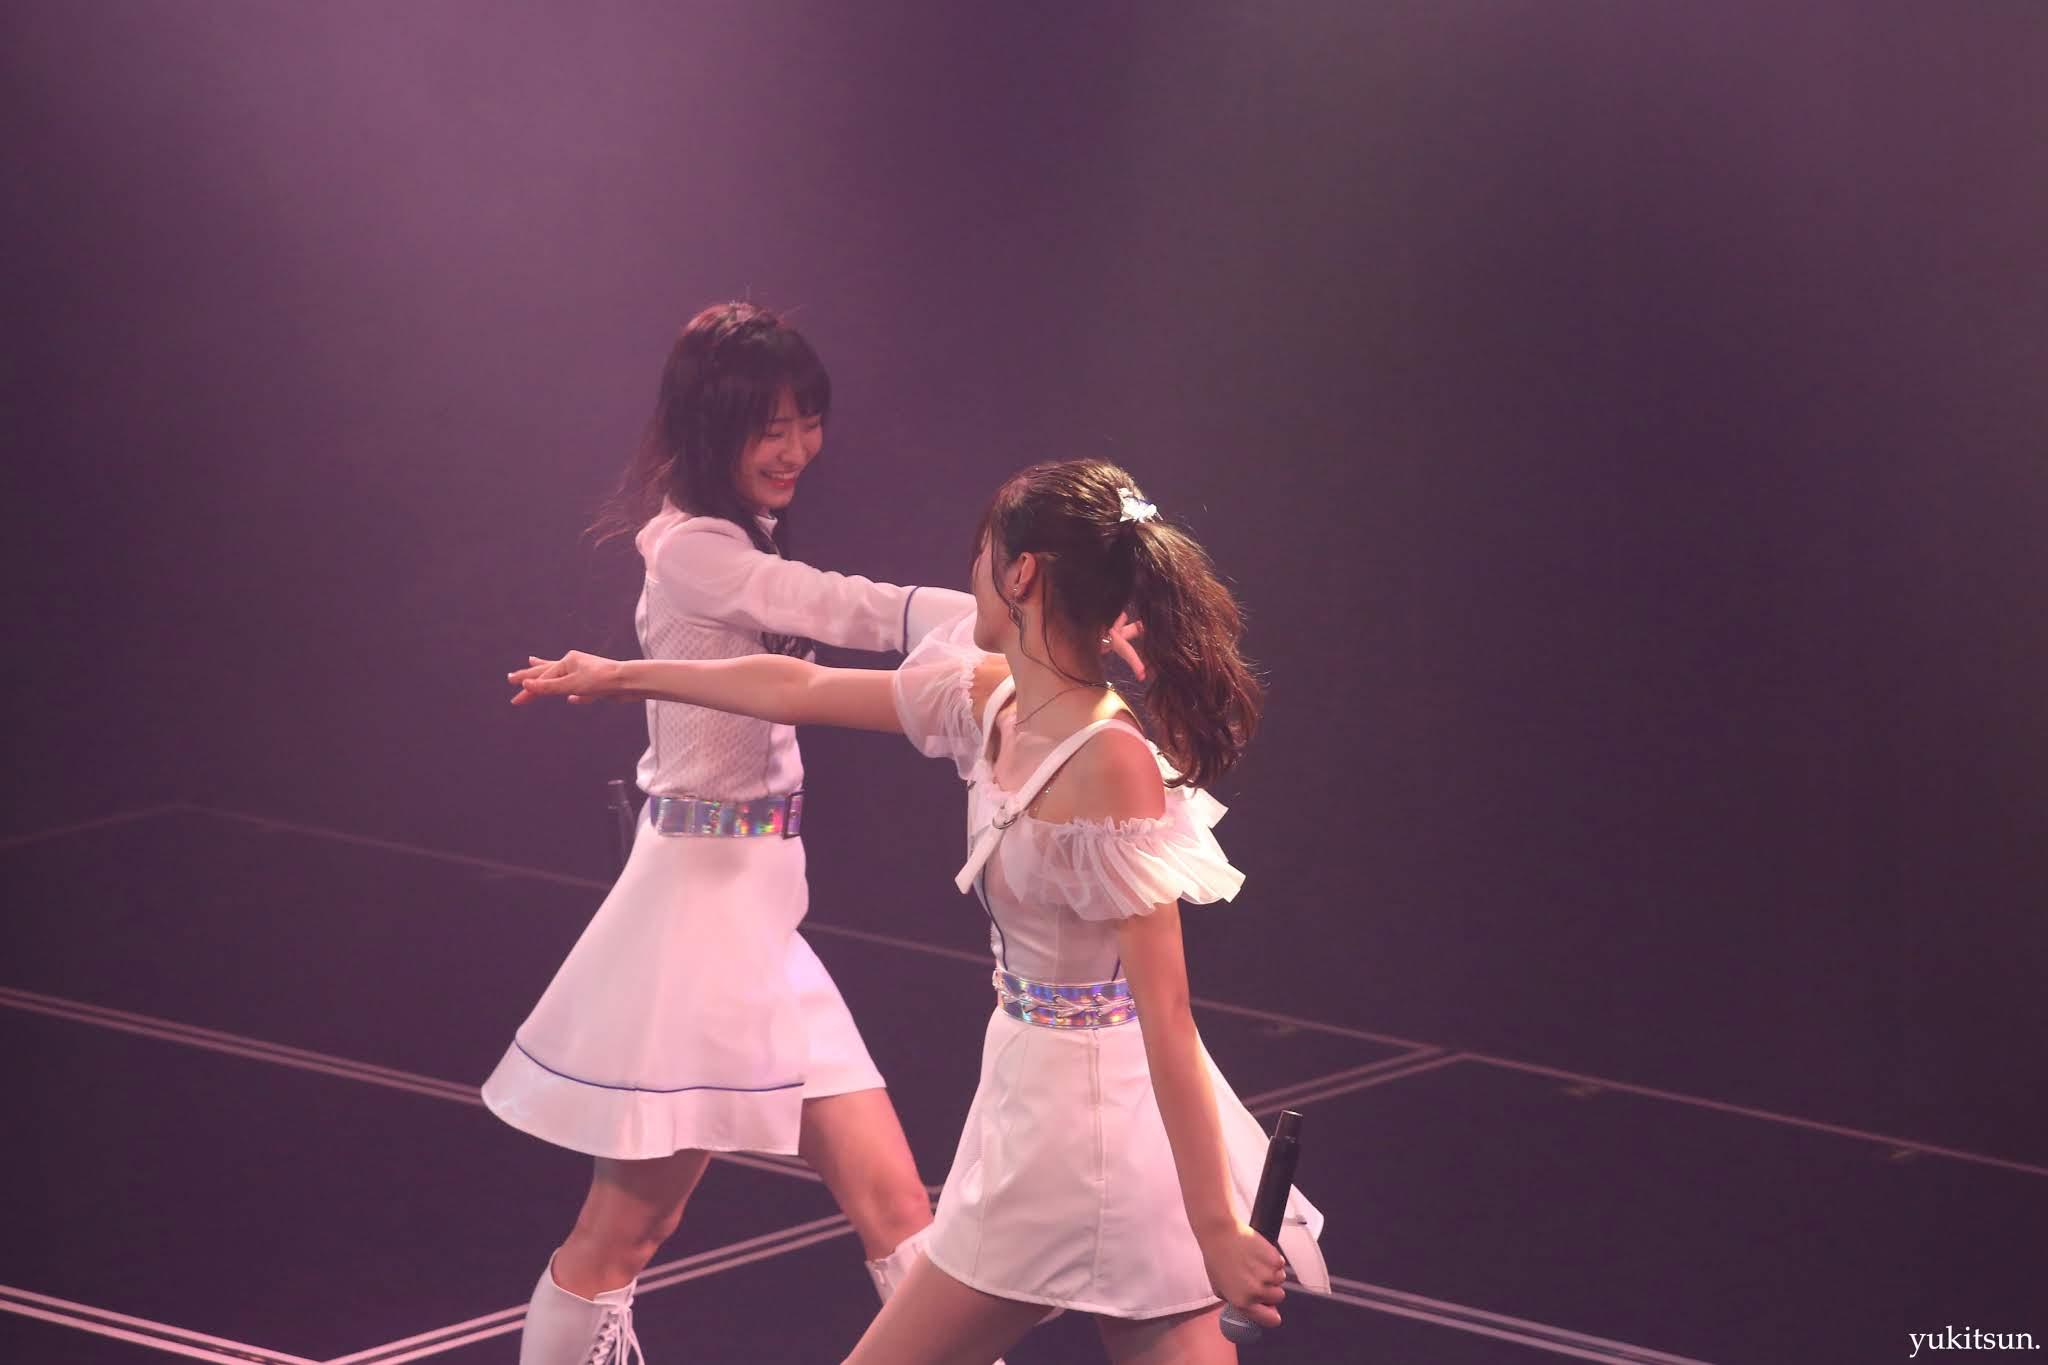 shinjidai-83